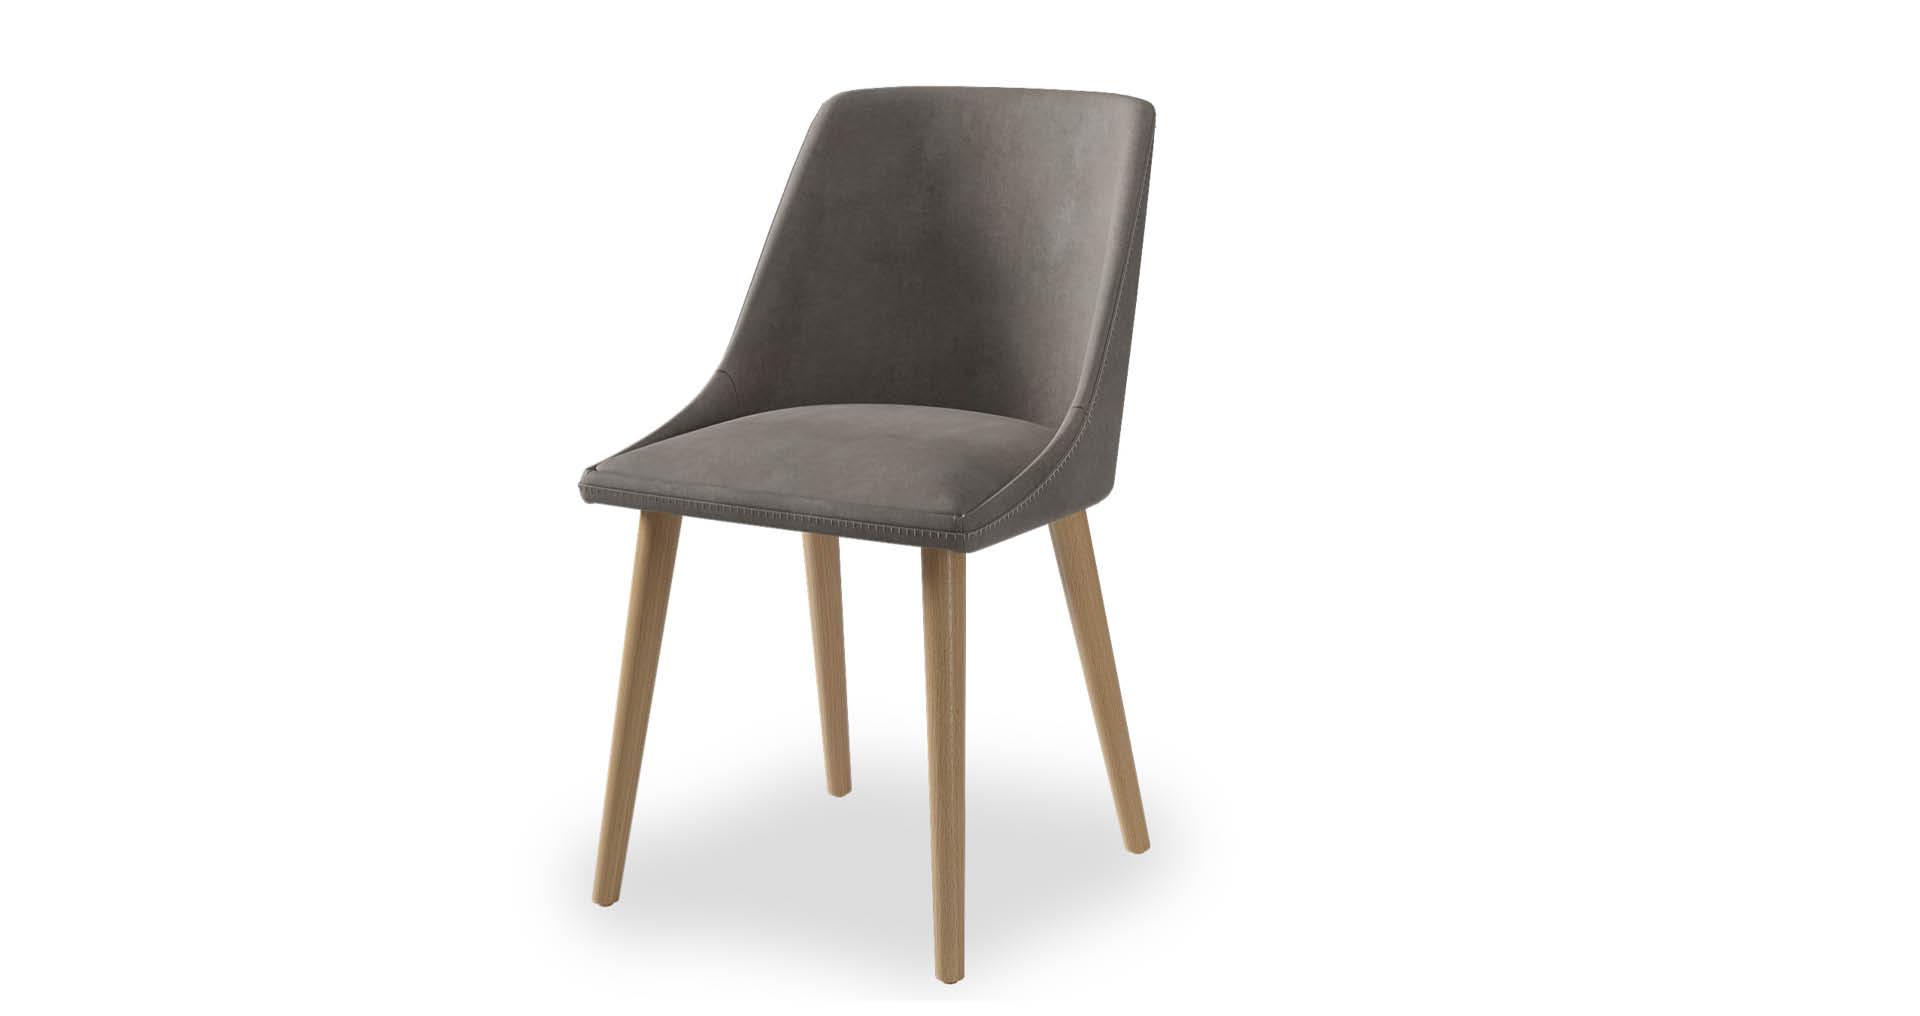 כסא אלברטה בגוון אפור אורבני